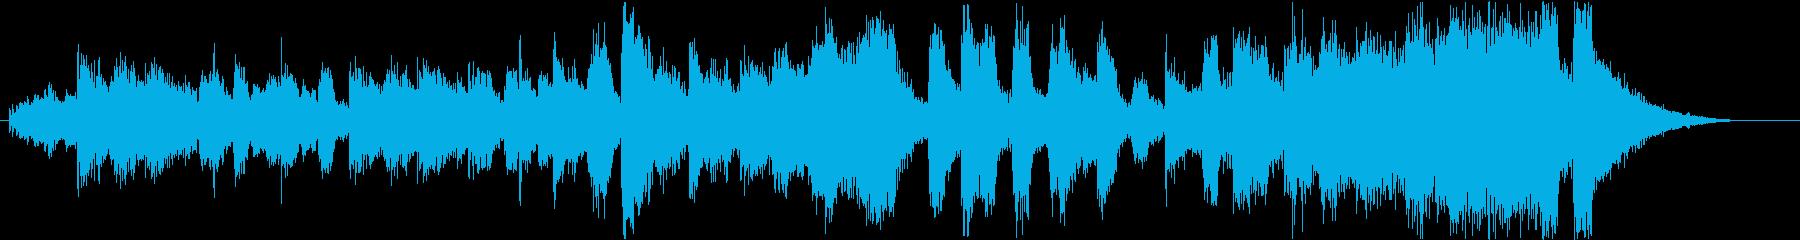 ブラスの効いたバンド形式のジングルの再生済みの波形